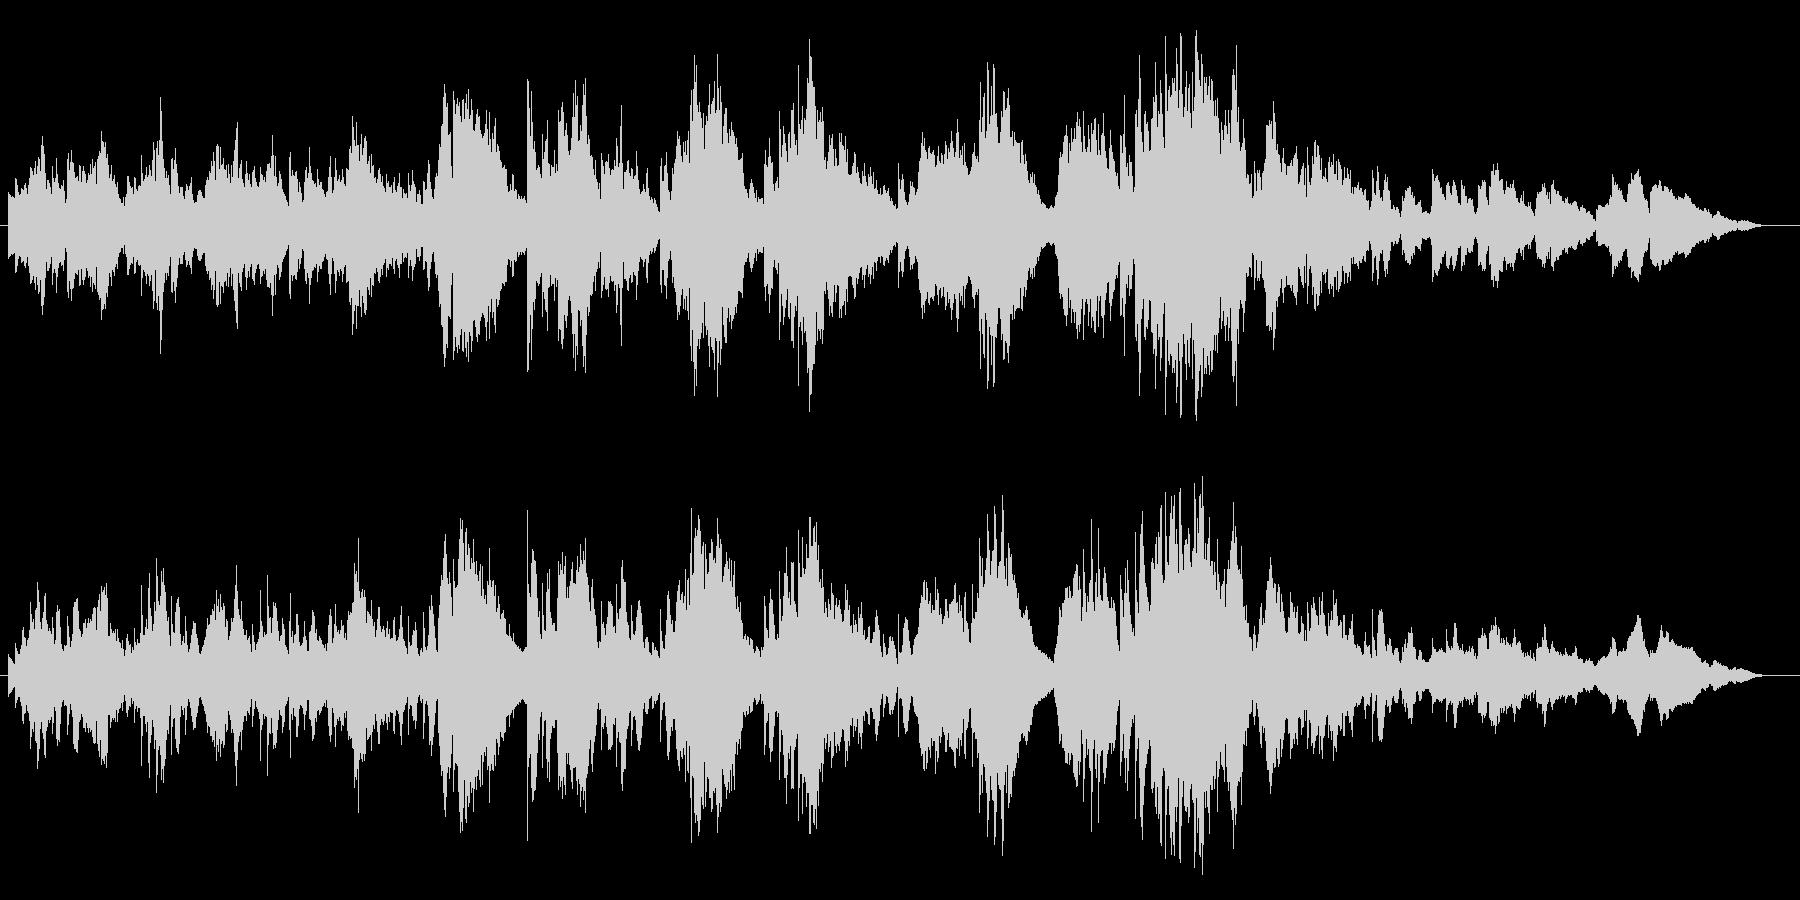 ソプラノサックスとキーボードのデュオ・…の未再生の波形